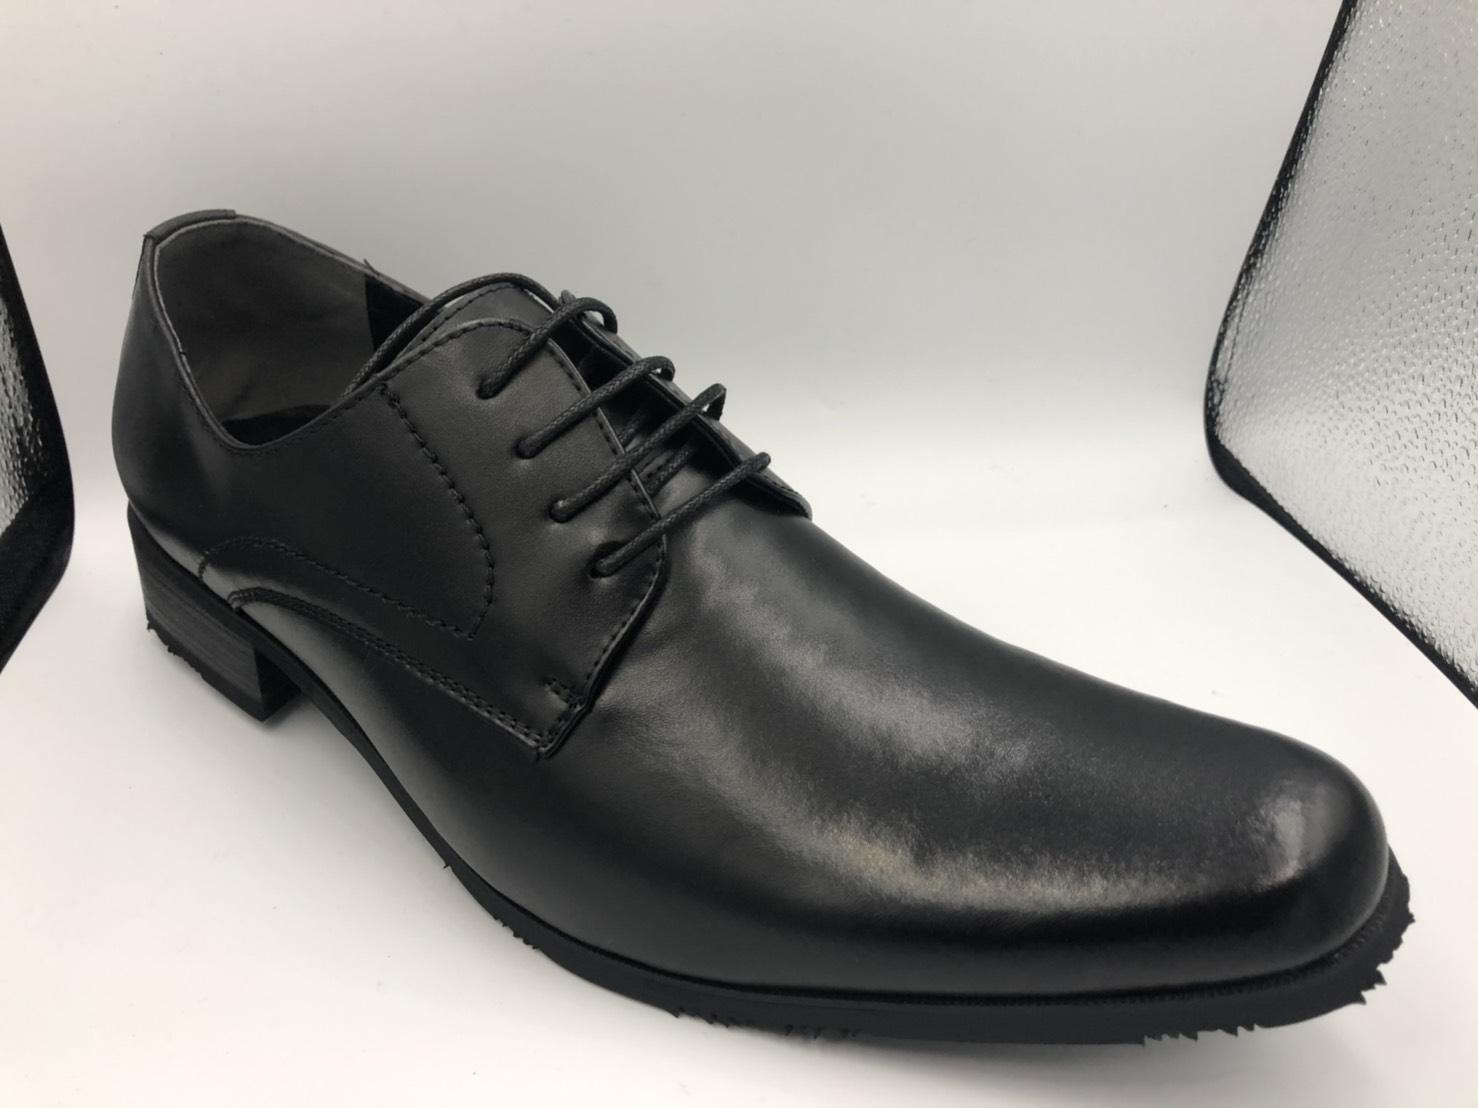 FRANCO LUZI ビジネスシューズ 紳士靴 年末年始大決算 日本製 本革 セール T4052 フランコルッチ 牛革プレーンビジネスシューズ☆日本製本革紳士靴 送料無料 セール特価